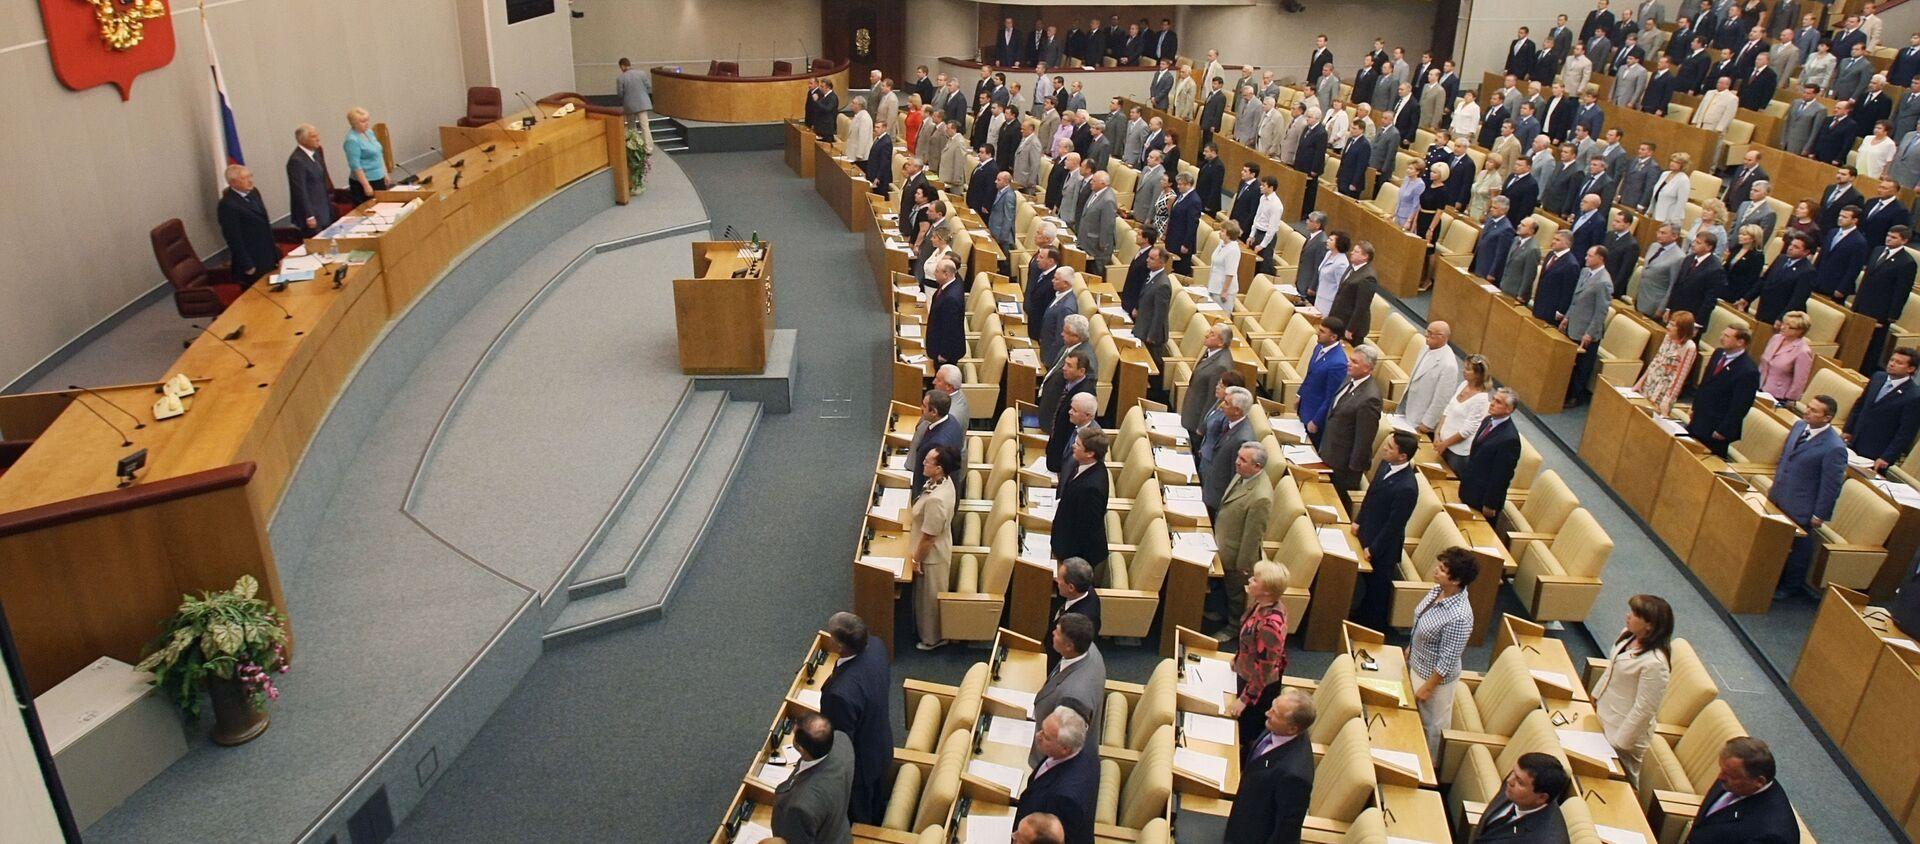 Заседание Госдумы РФ - Sputnik Абхазия, 1920, 26.08.2021